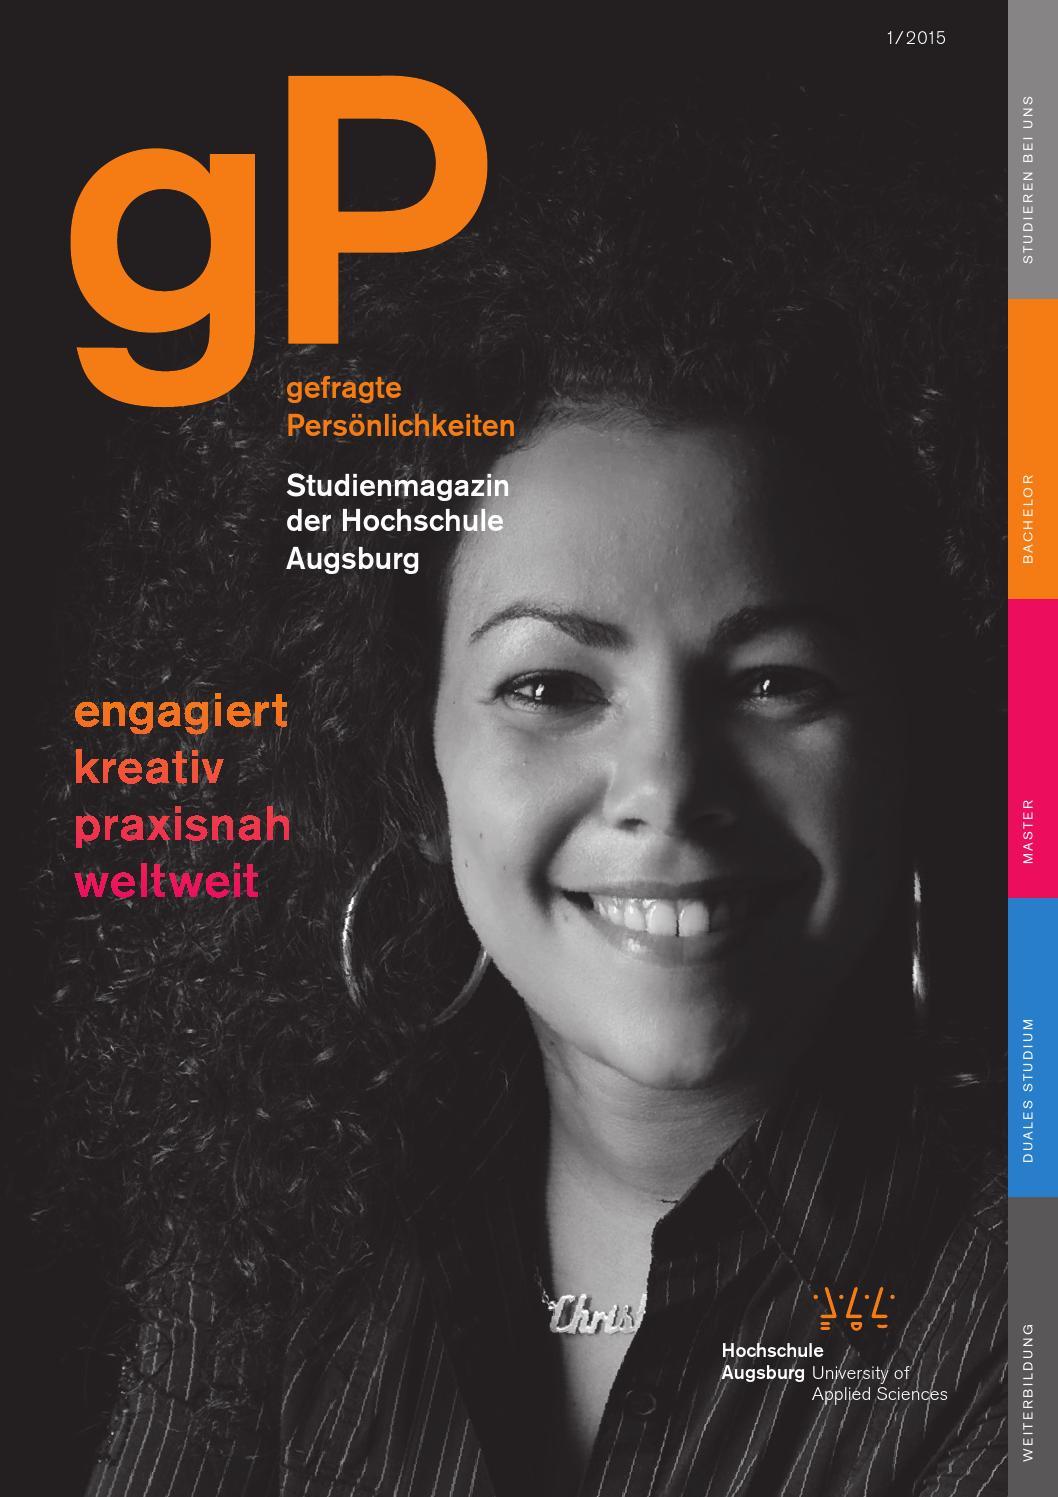 gP - Studienmagazin der Hochschule Augsburg by Hochschule Augsburg - issuu